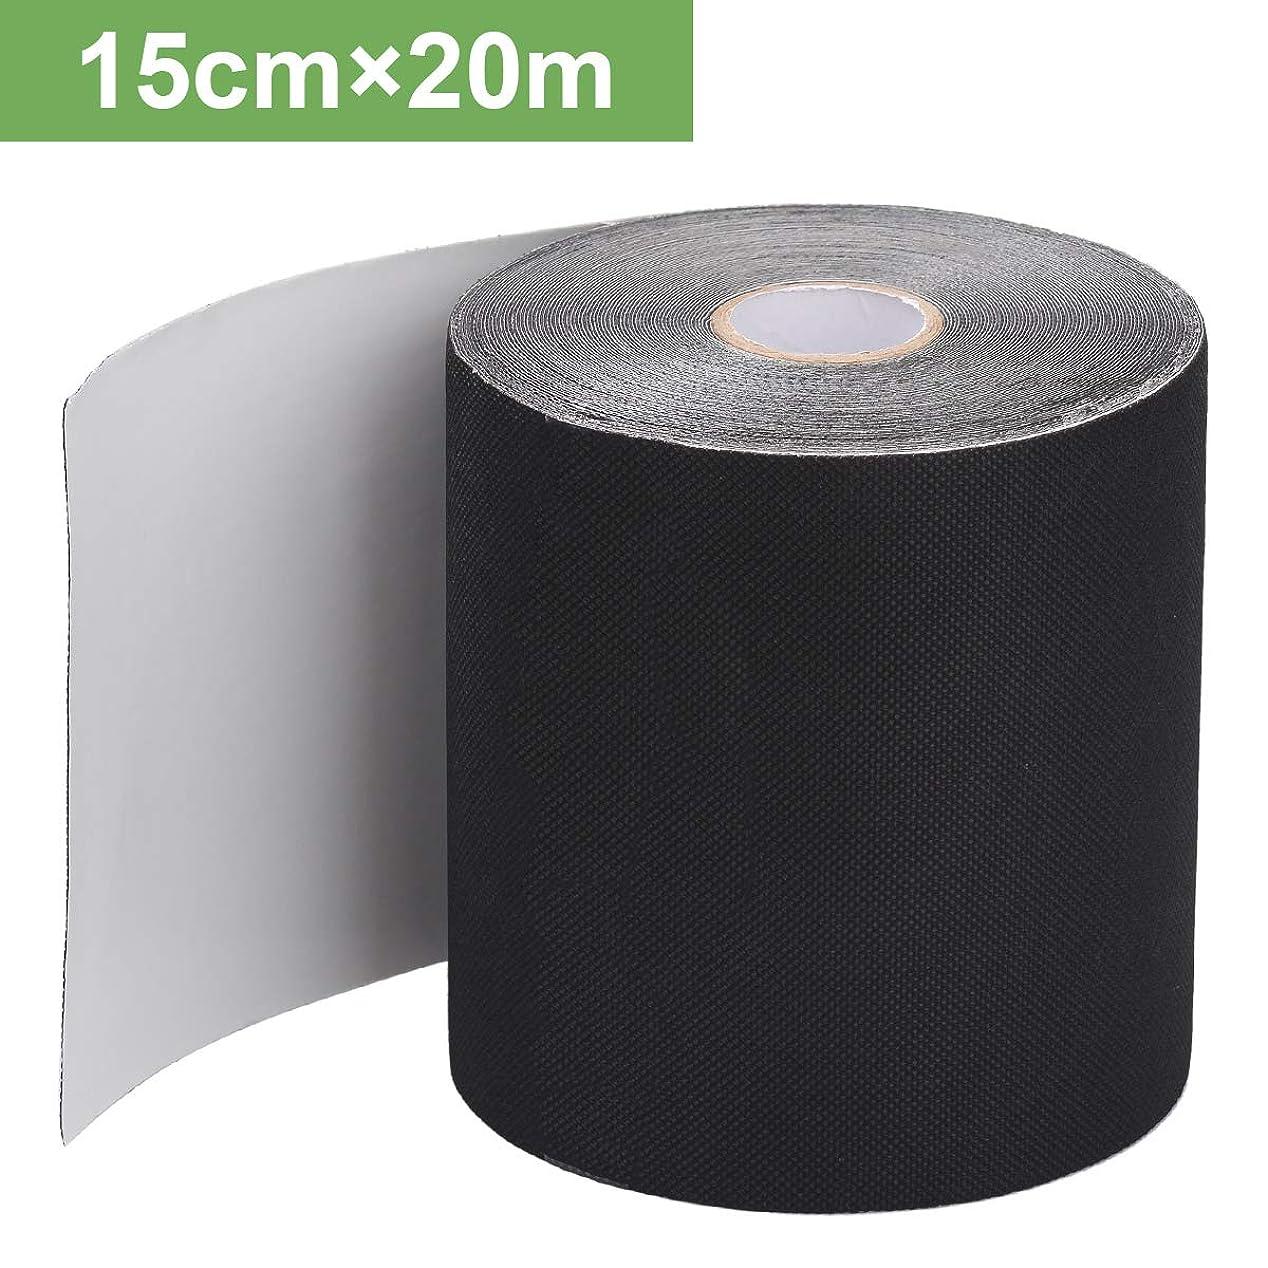 喜んでアリスヒギンズ人工芝 テープ 長さ20M×幅15CM 人工芝連結用 固定用 防草シートテープ 片面テープ 強力ワイドタイプ 接続テープ 自己接着 継目裏貼りジョイント用 庭やガーデン用